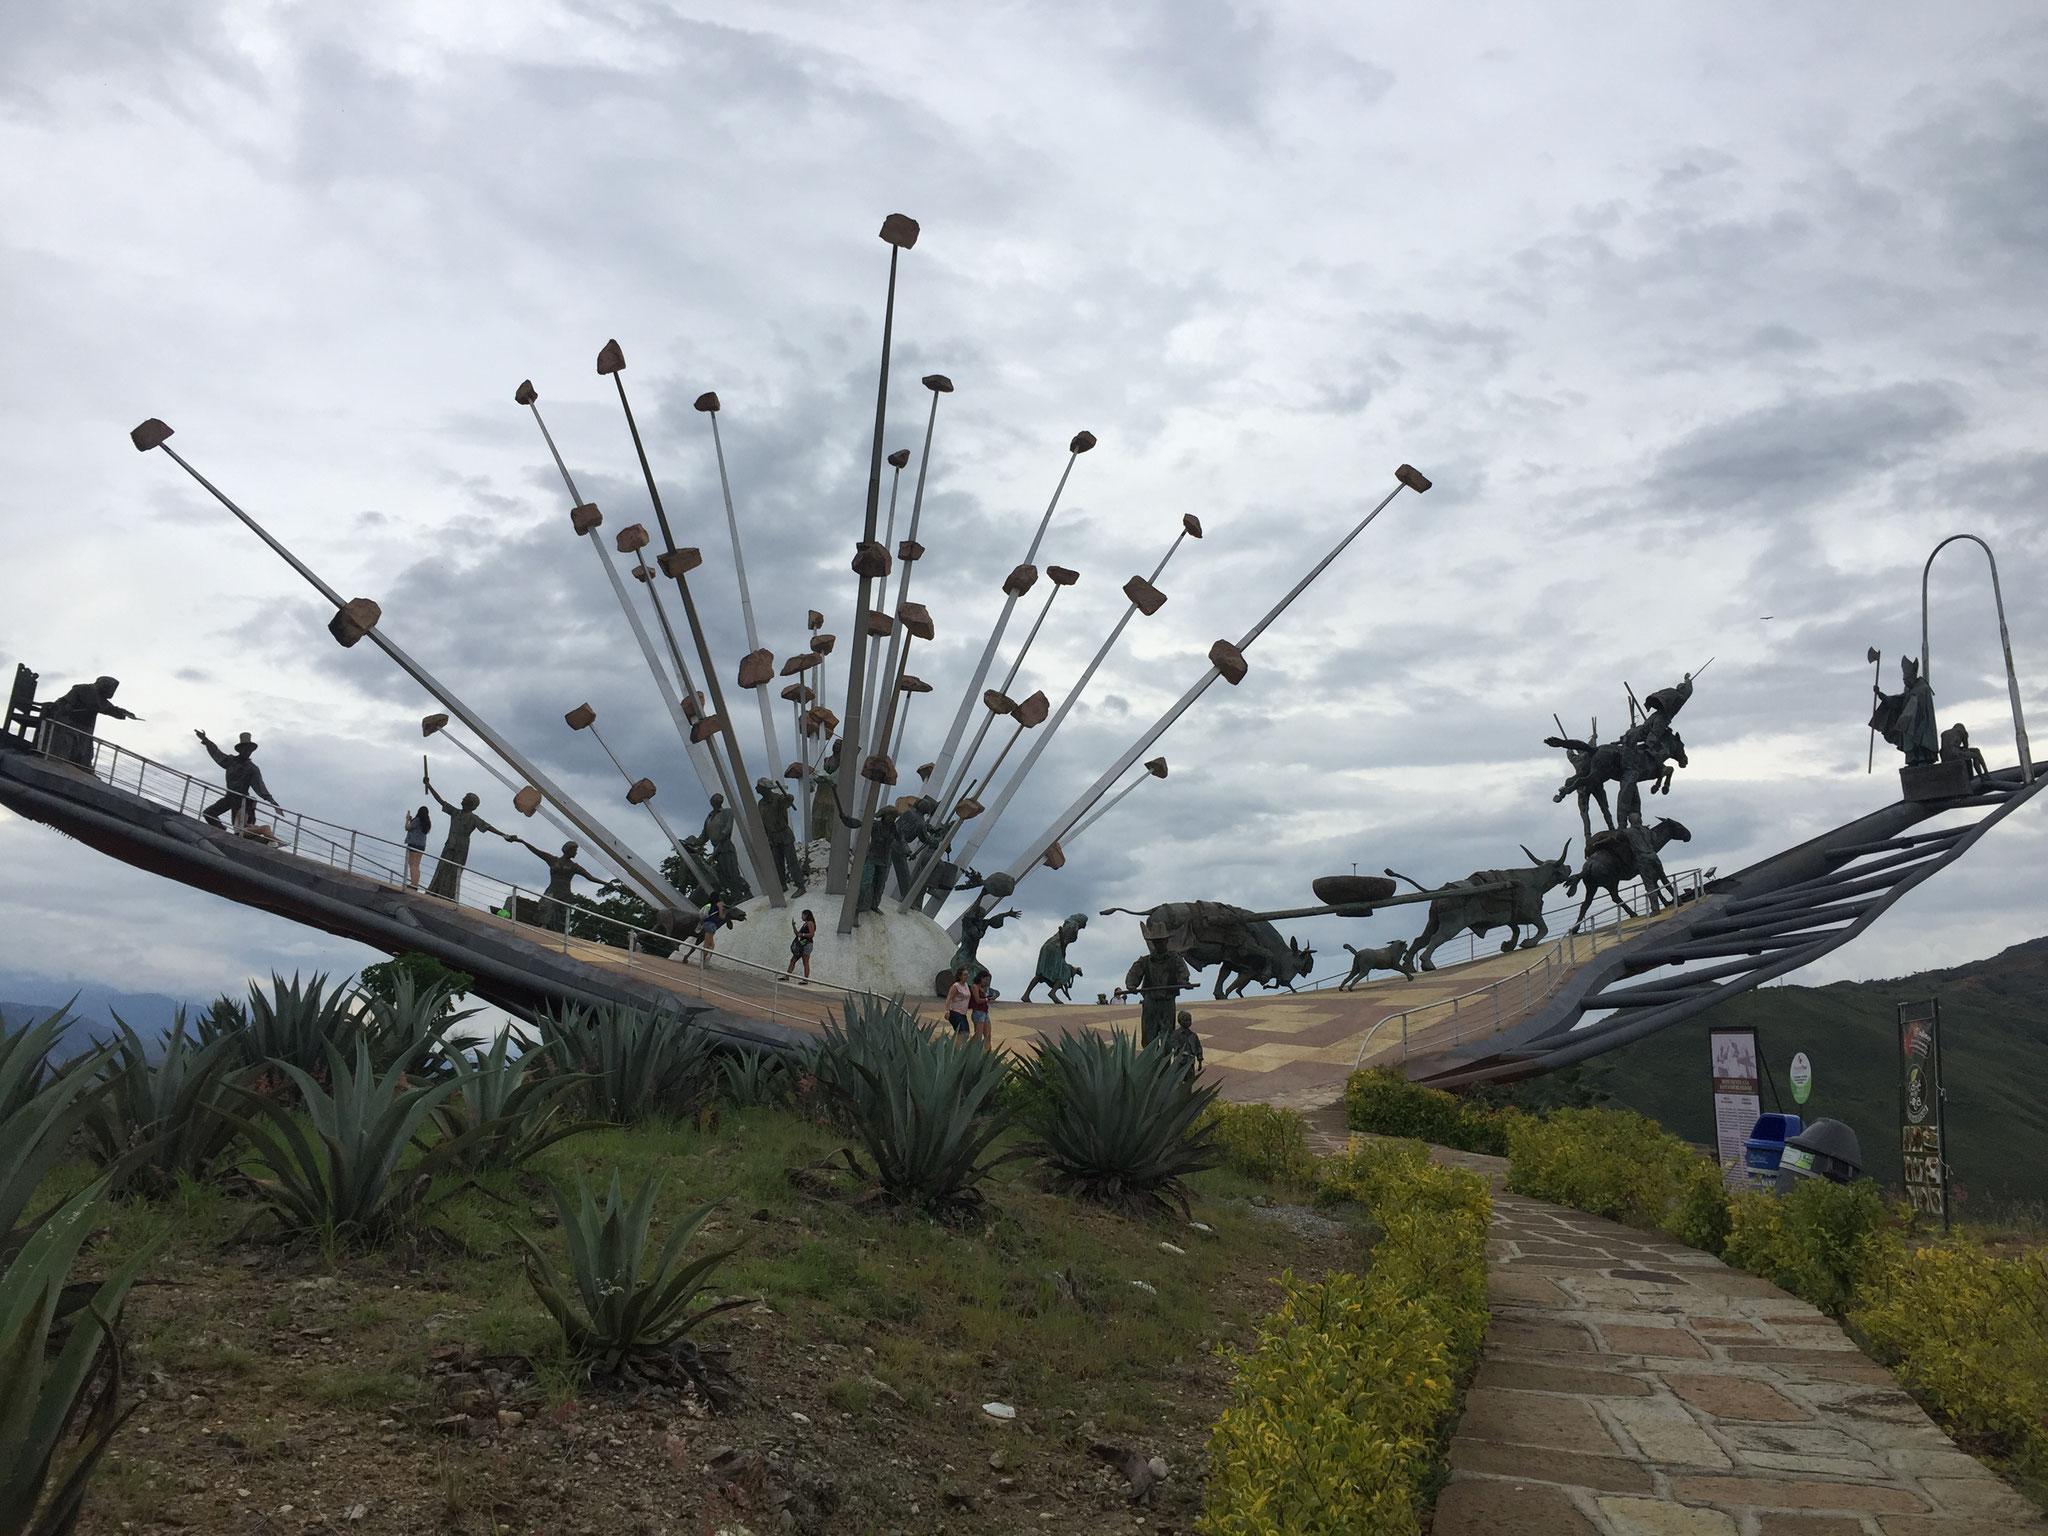 Geschichte Kolumbiens als Schiff dargestellt